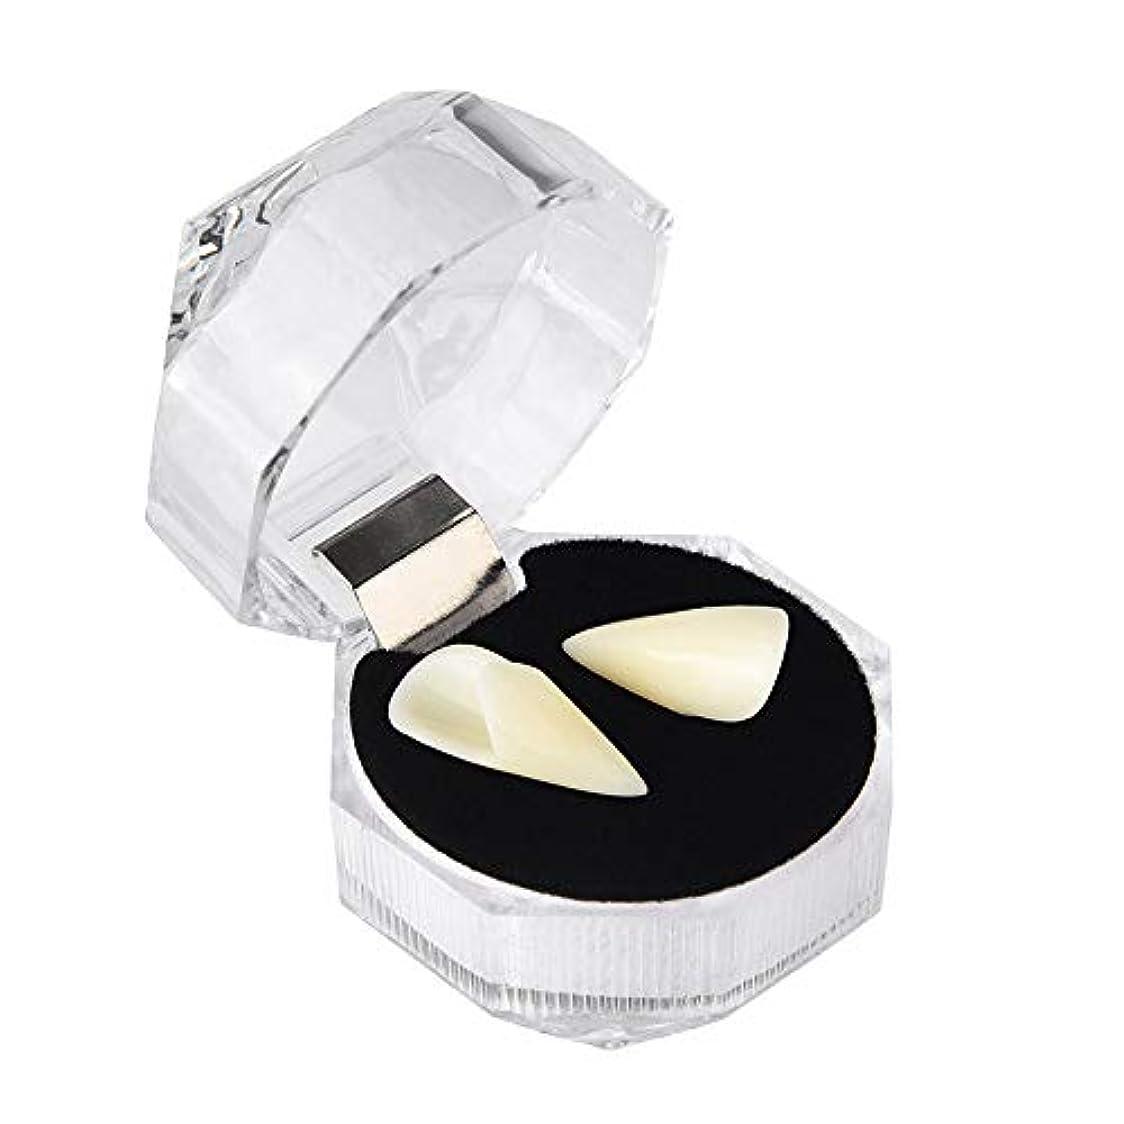 電話する債務作物ユニセックスハロウィーンロールプレイングゾンビ義歯、樹脂にやさしい食品グレード義歯(13mm、15mm、17mm、19mm),19mm